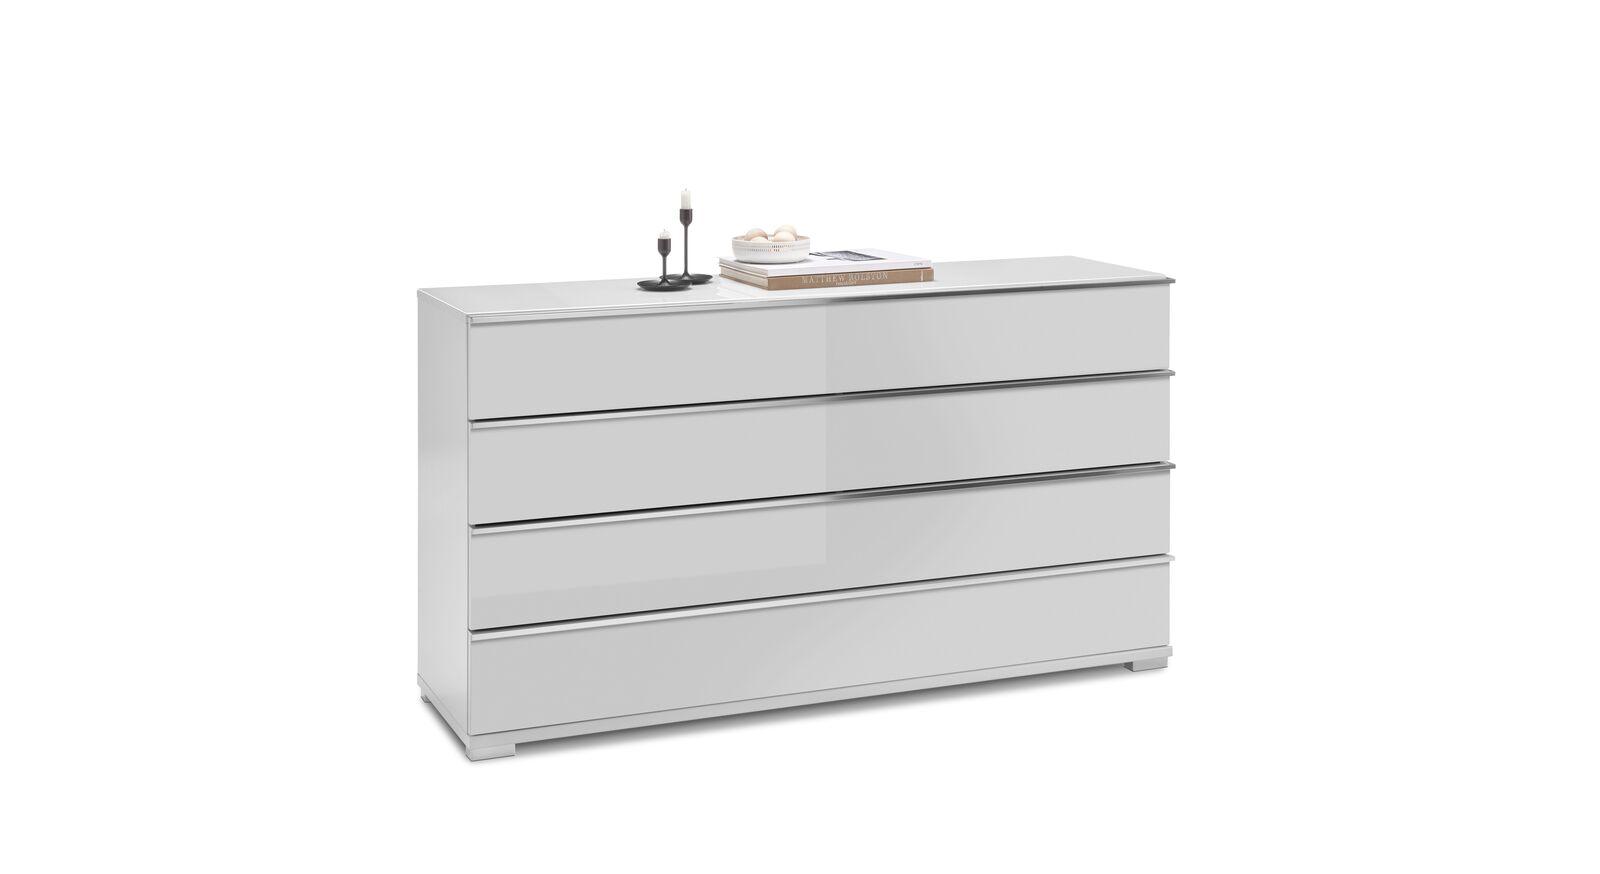 Breite GALLERY M Kommode IMOLA W in Weiß mit 4 Schubladen